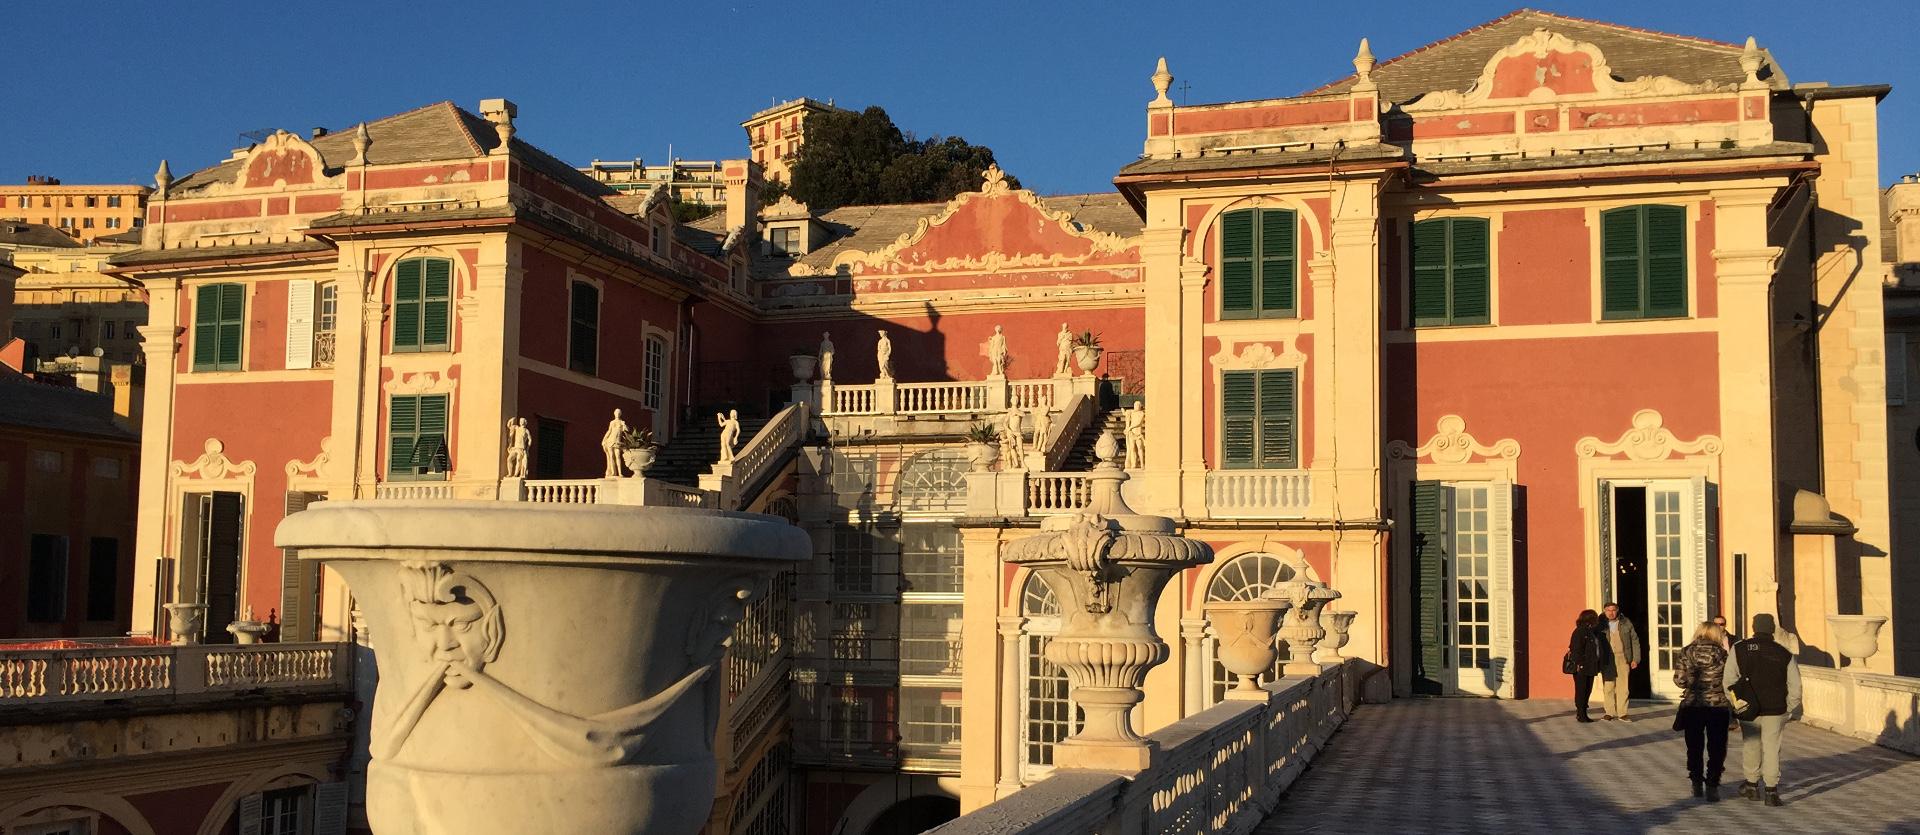 rolli-days-boat-breakfast-genova-palazzo-reale-garibaldi-palazzo-principe